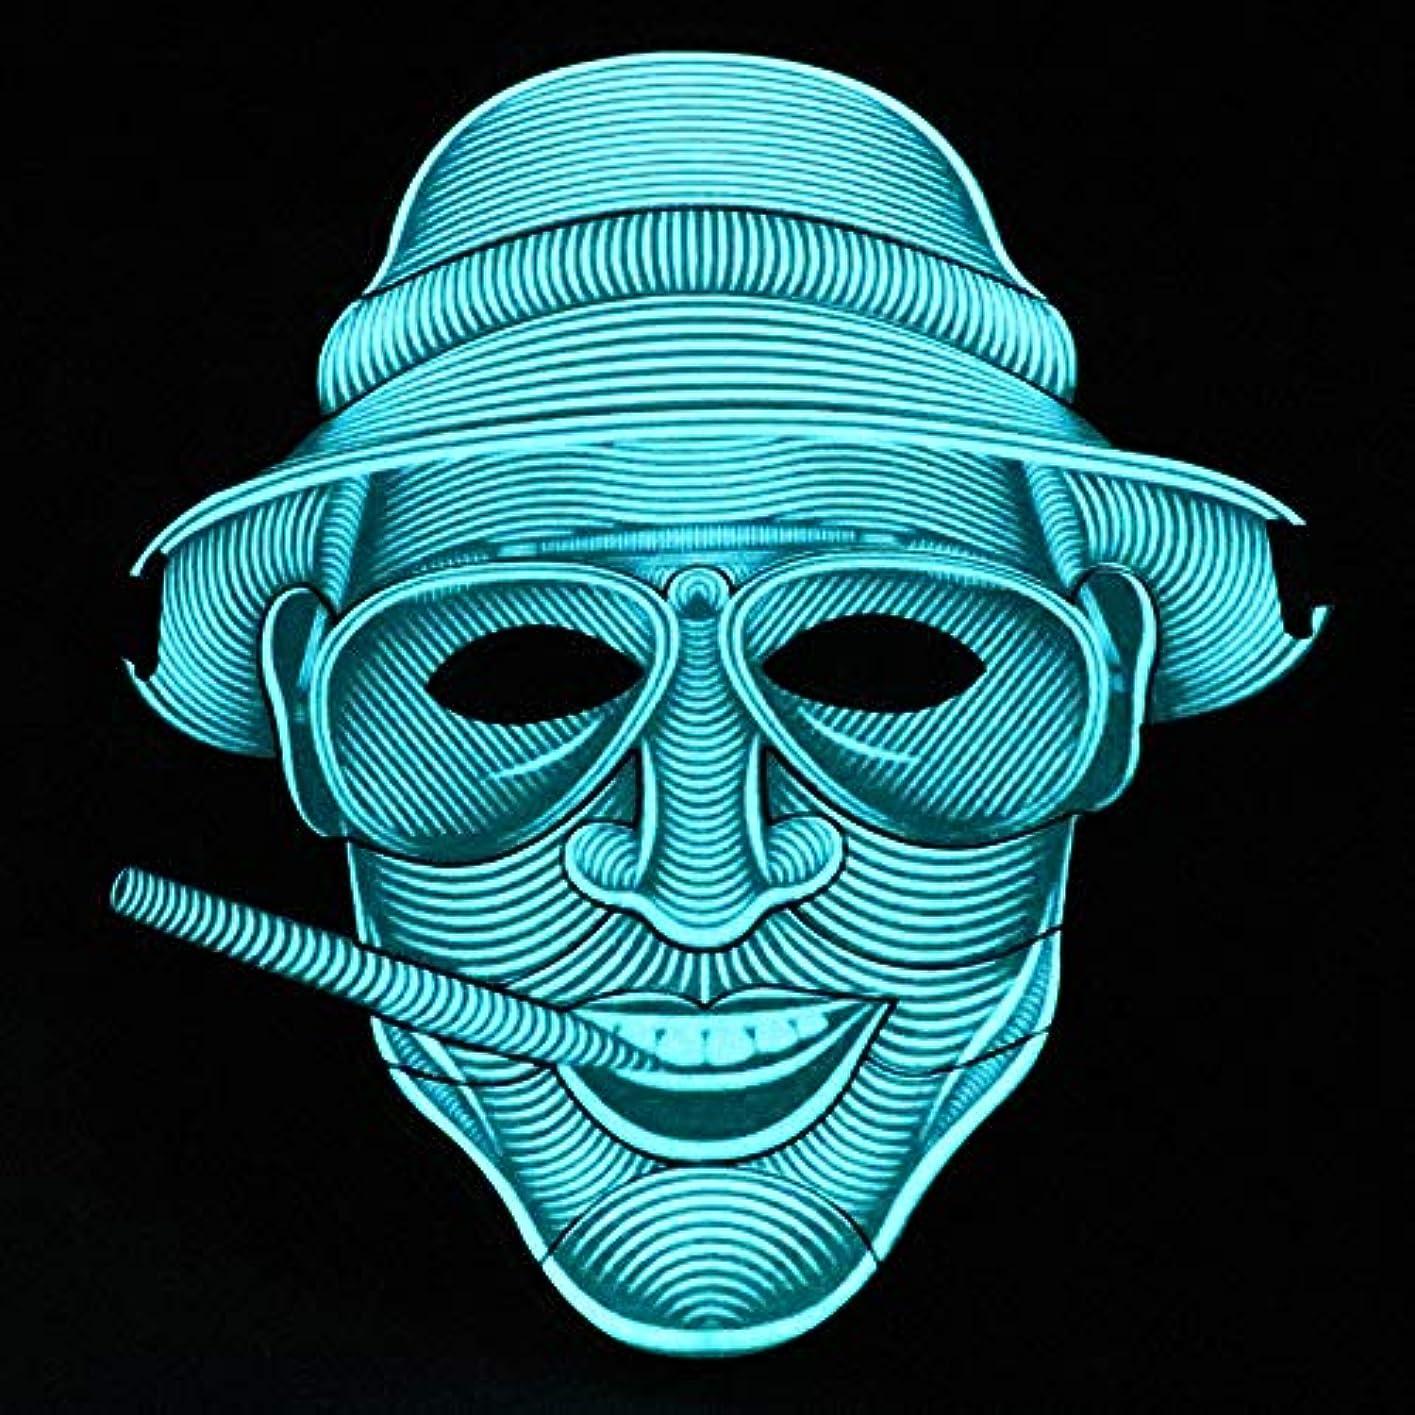 浸食手順メッセージ照らされたマスクLED創造的な冷光音響制御マスクハロウィンバーフェスティバルダンスマスク (Color : #20)